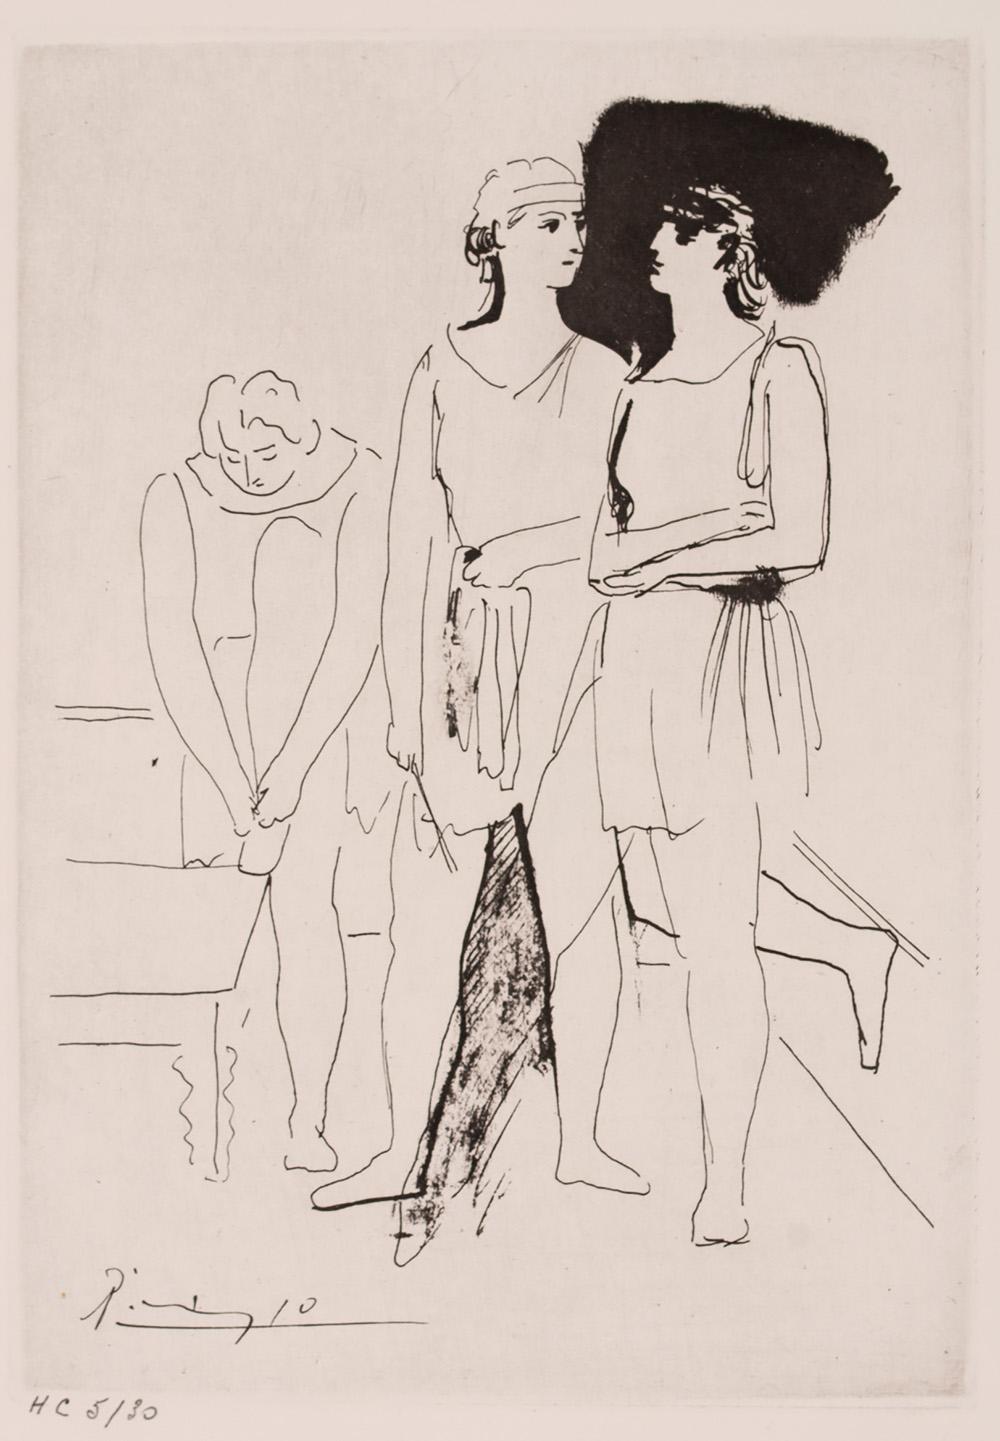 Title: BALLET SERGE LIFAR Year: 1945 Medium: ETCHING Image size: 8.3 X 12 in